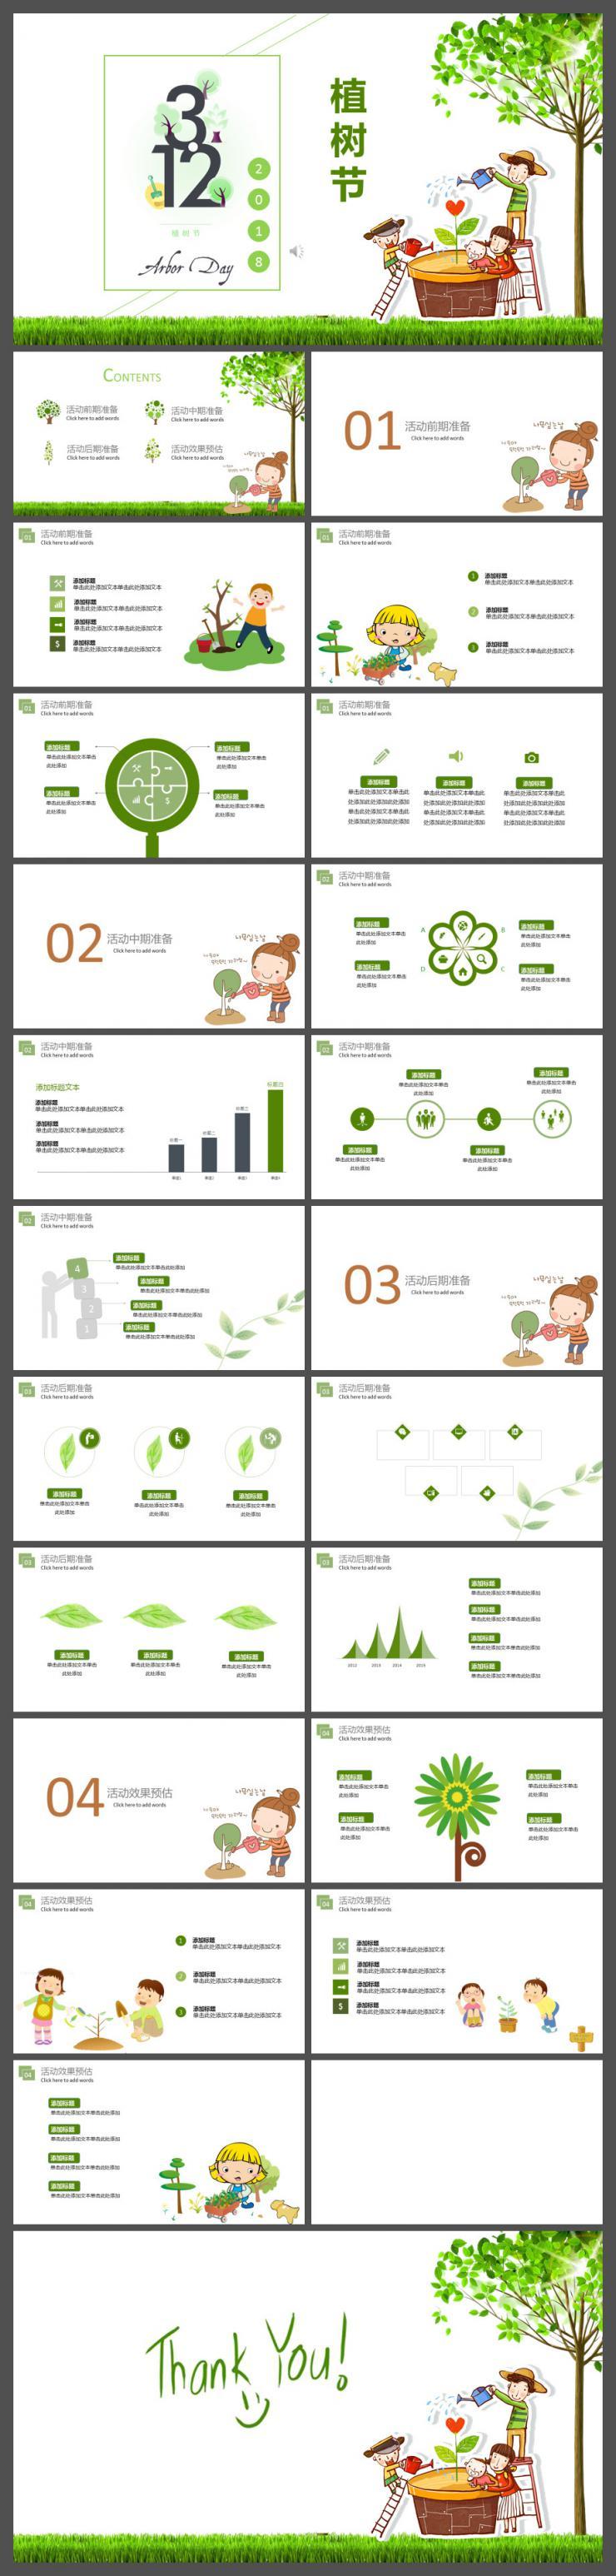 绿色清新3.12植树节活动策划方案PPT模板